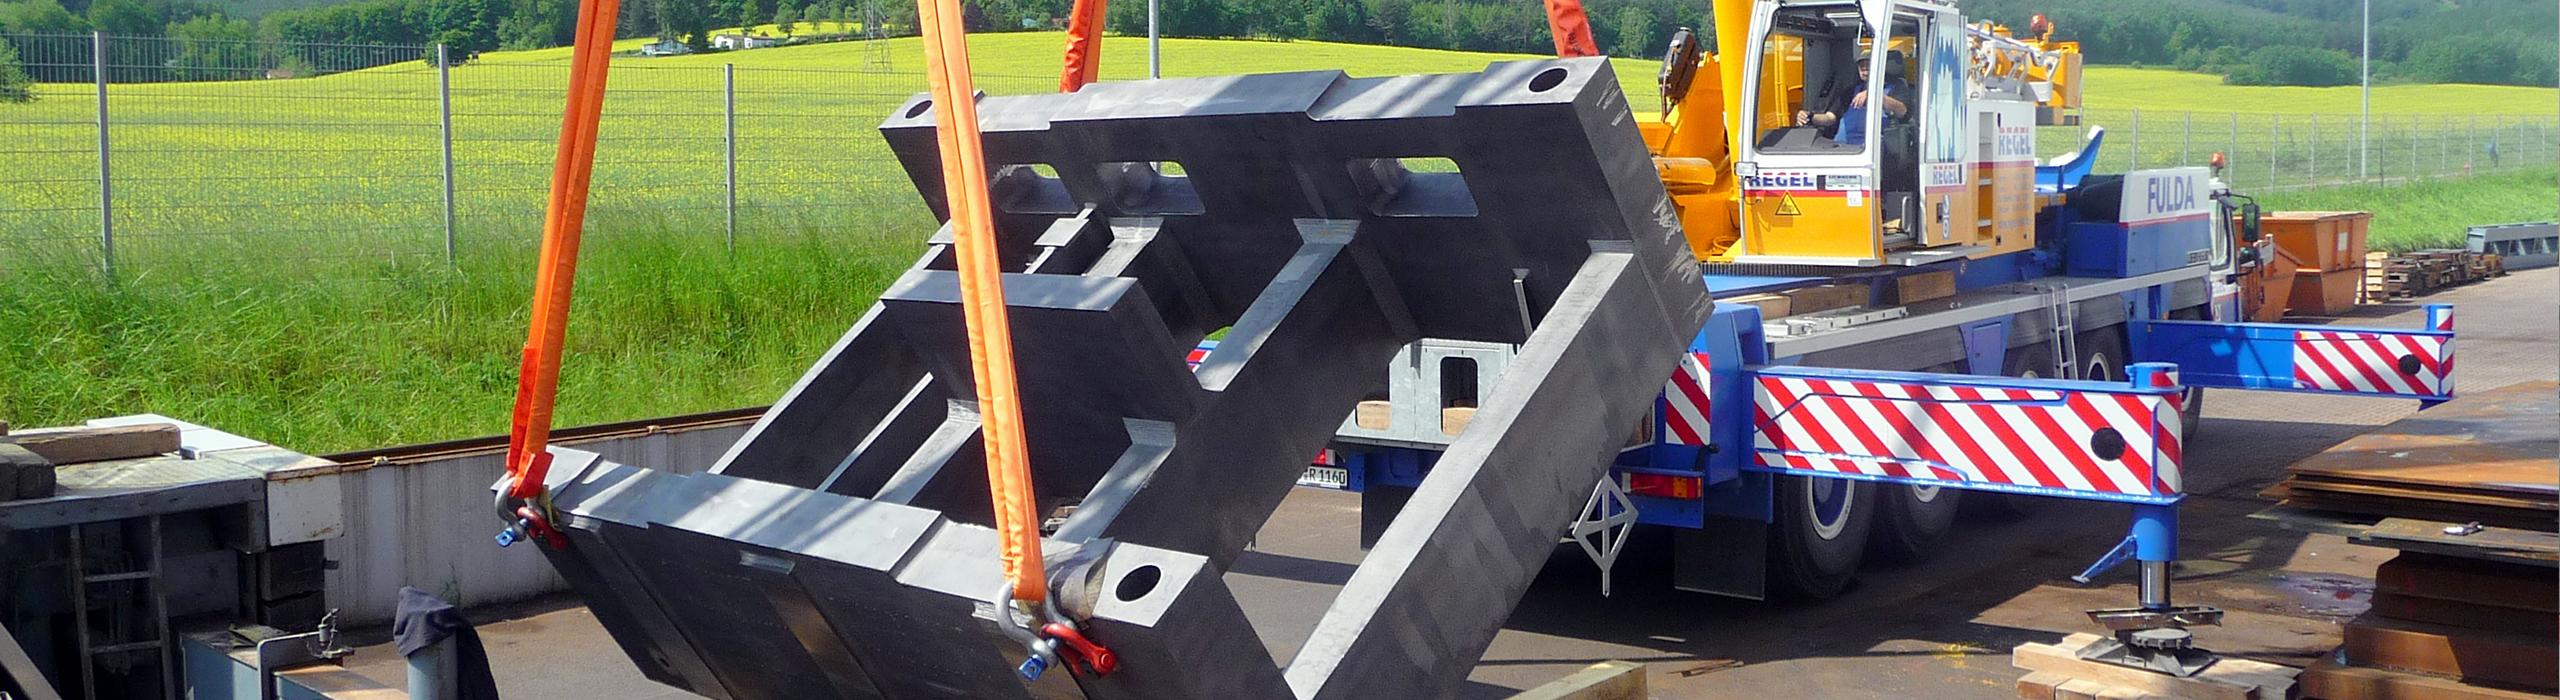 RSB-Stahl-grossteilbearbeitung-header1